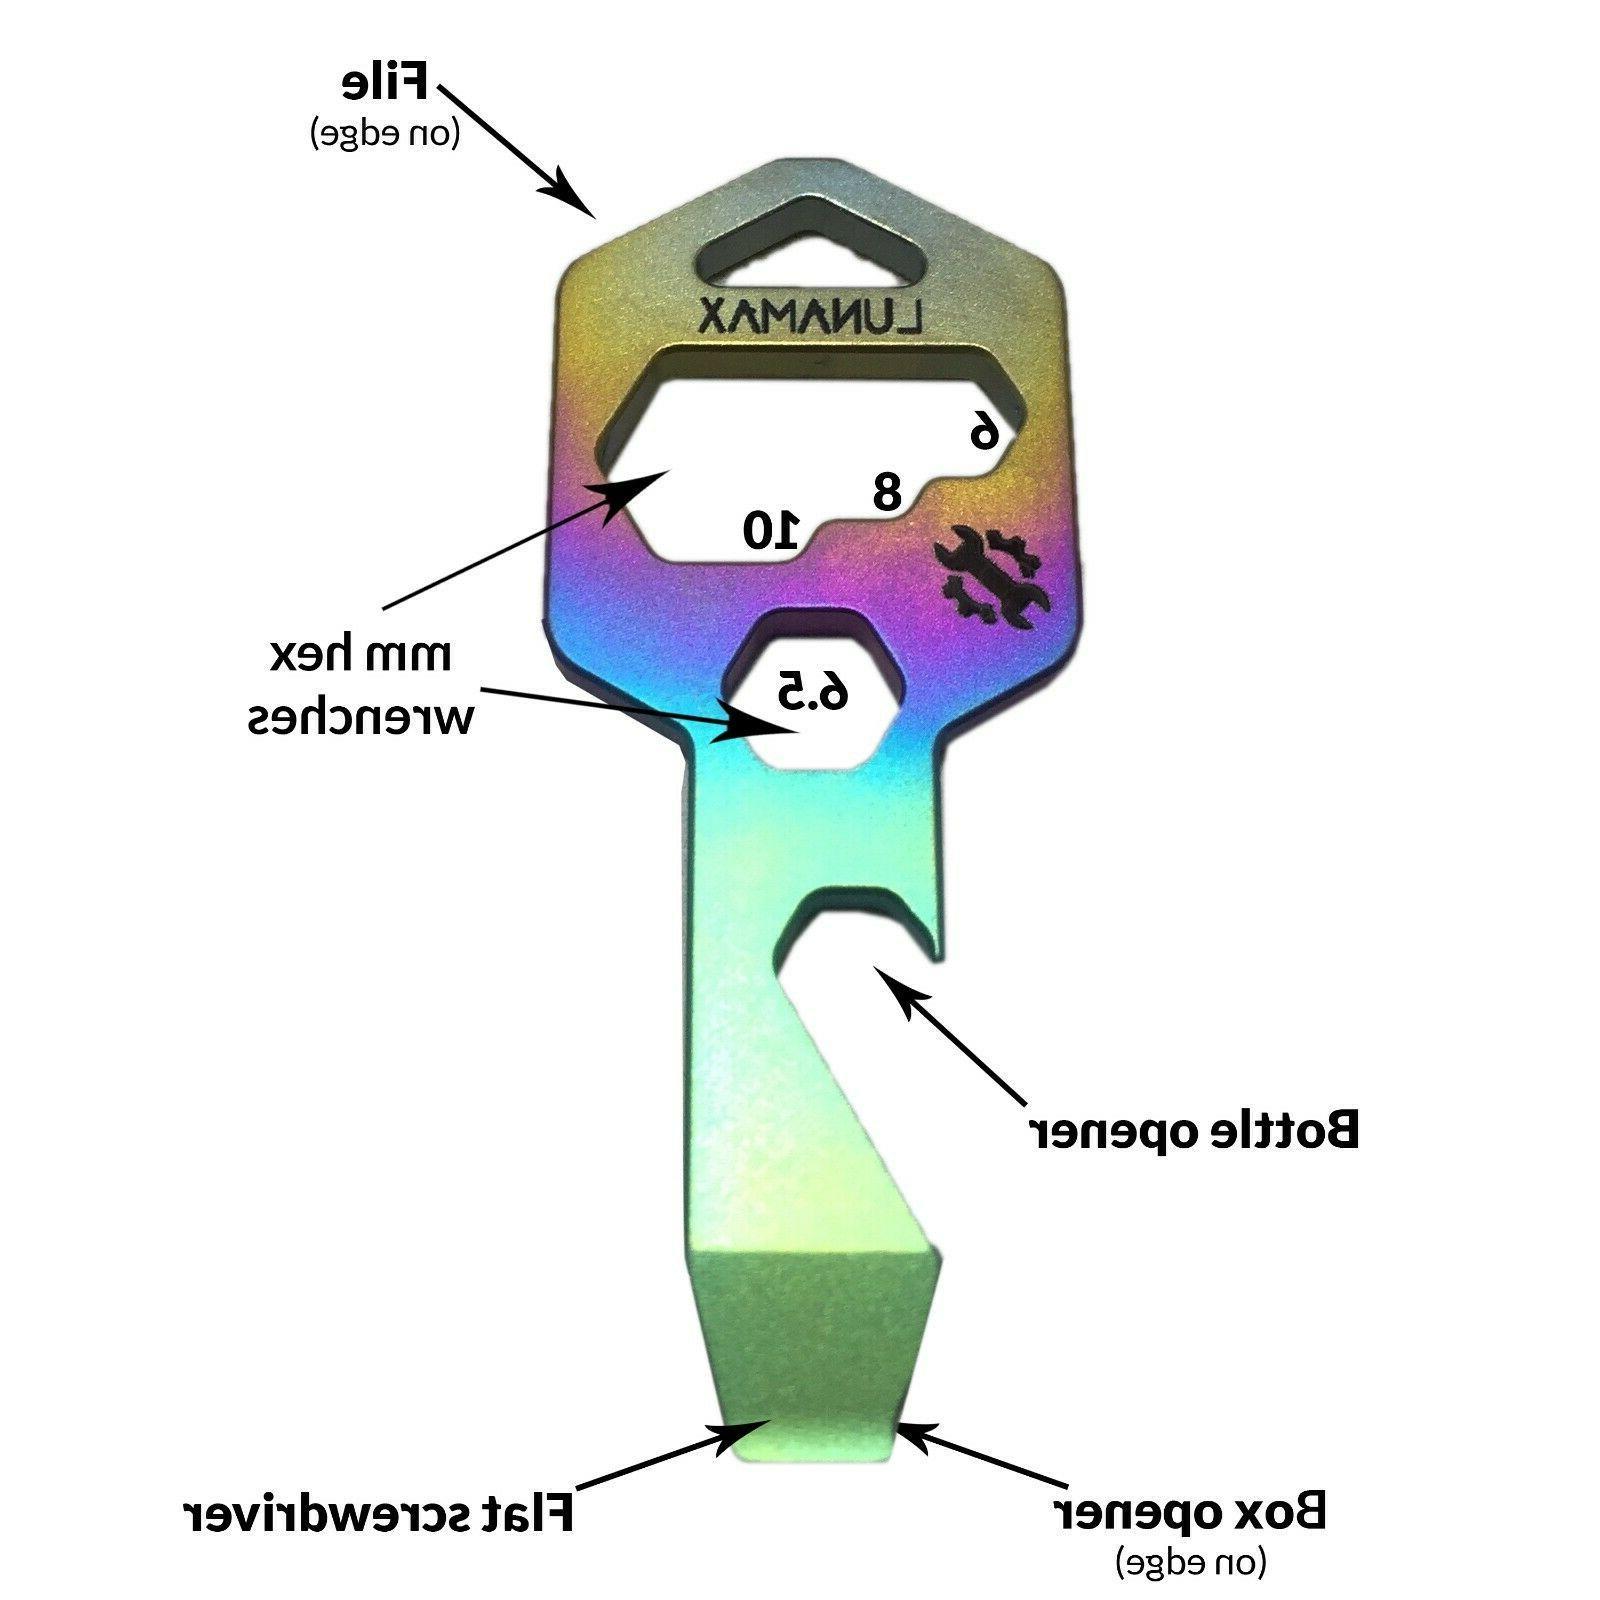 titanium 8 in 1 keychain multi tool